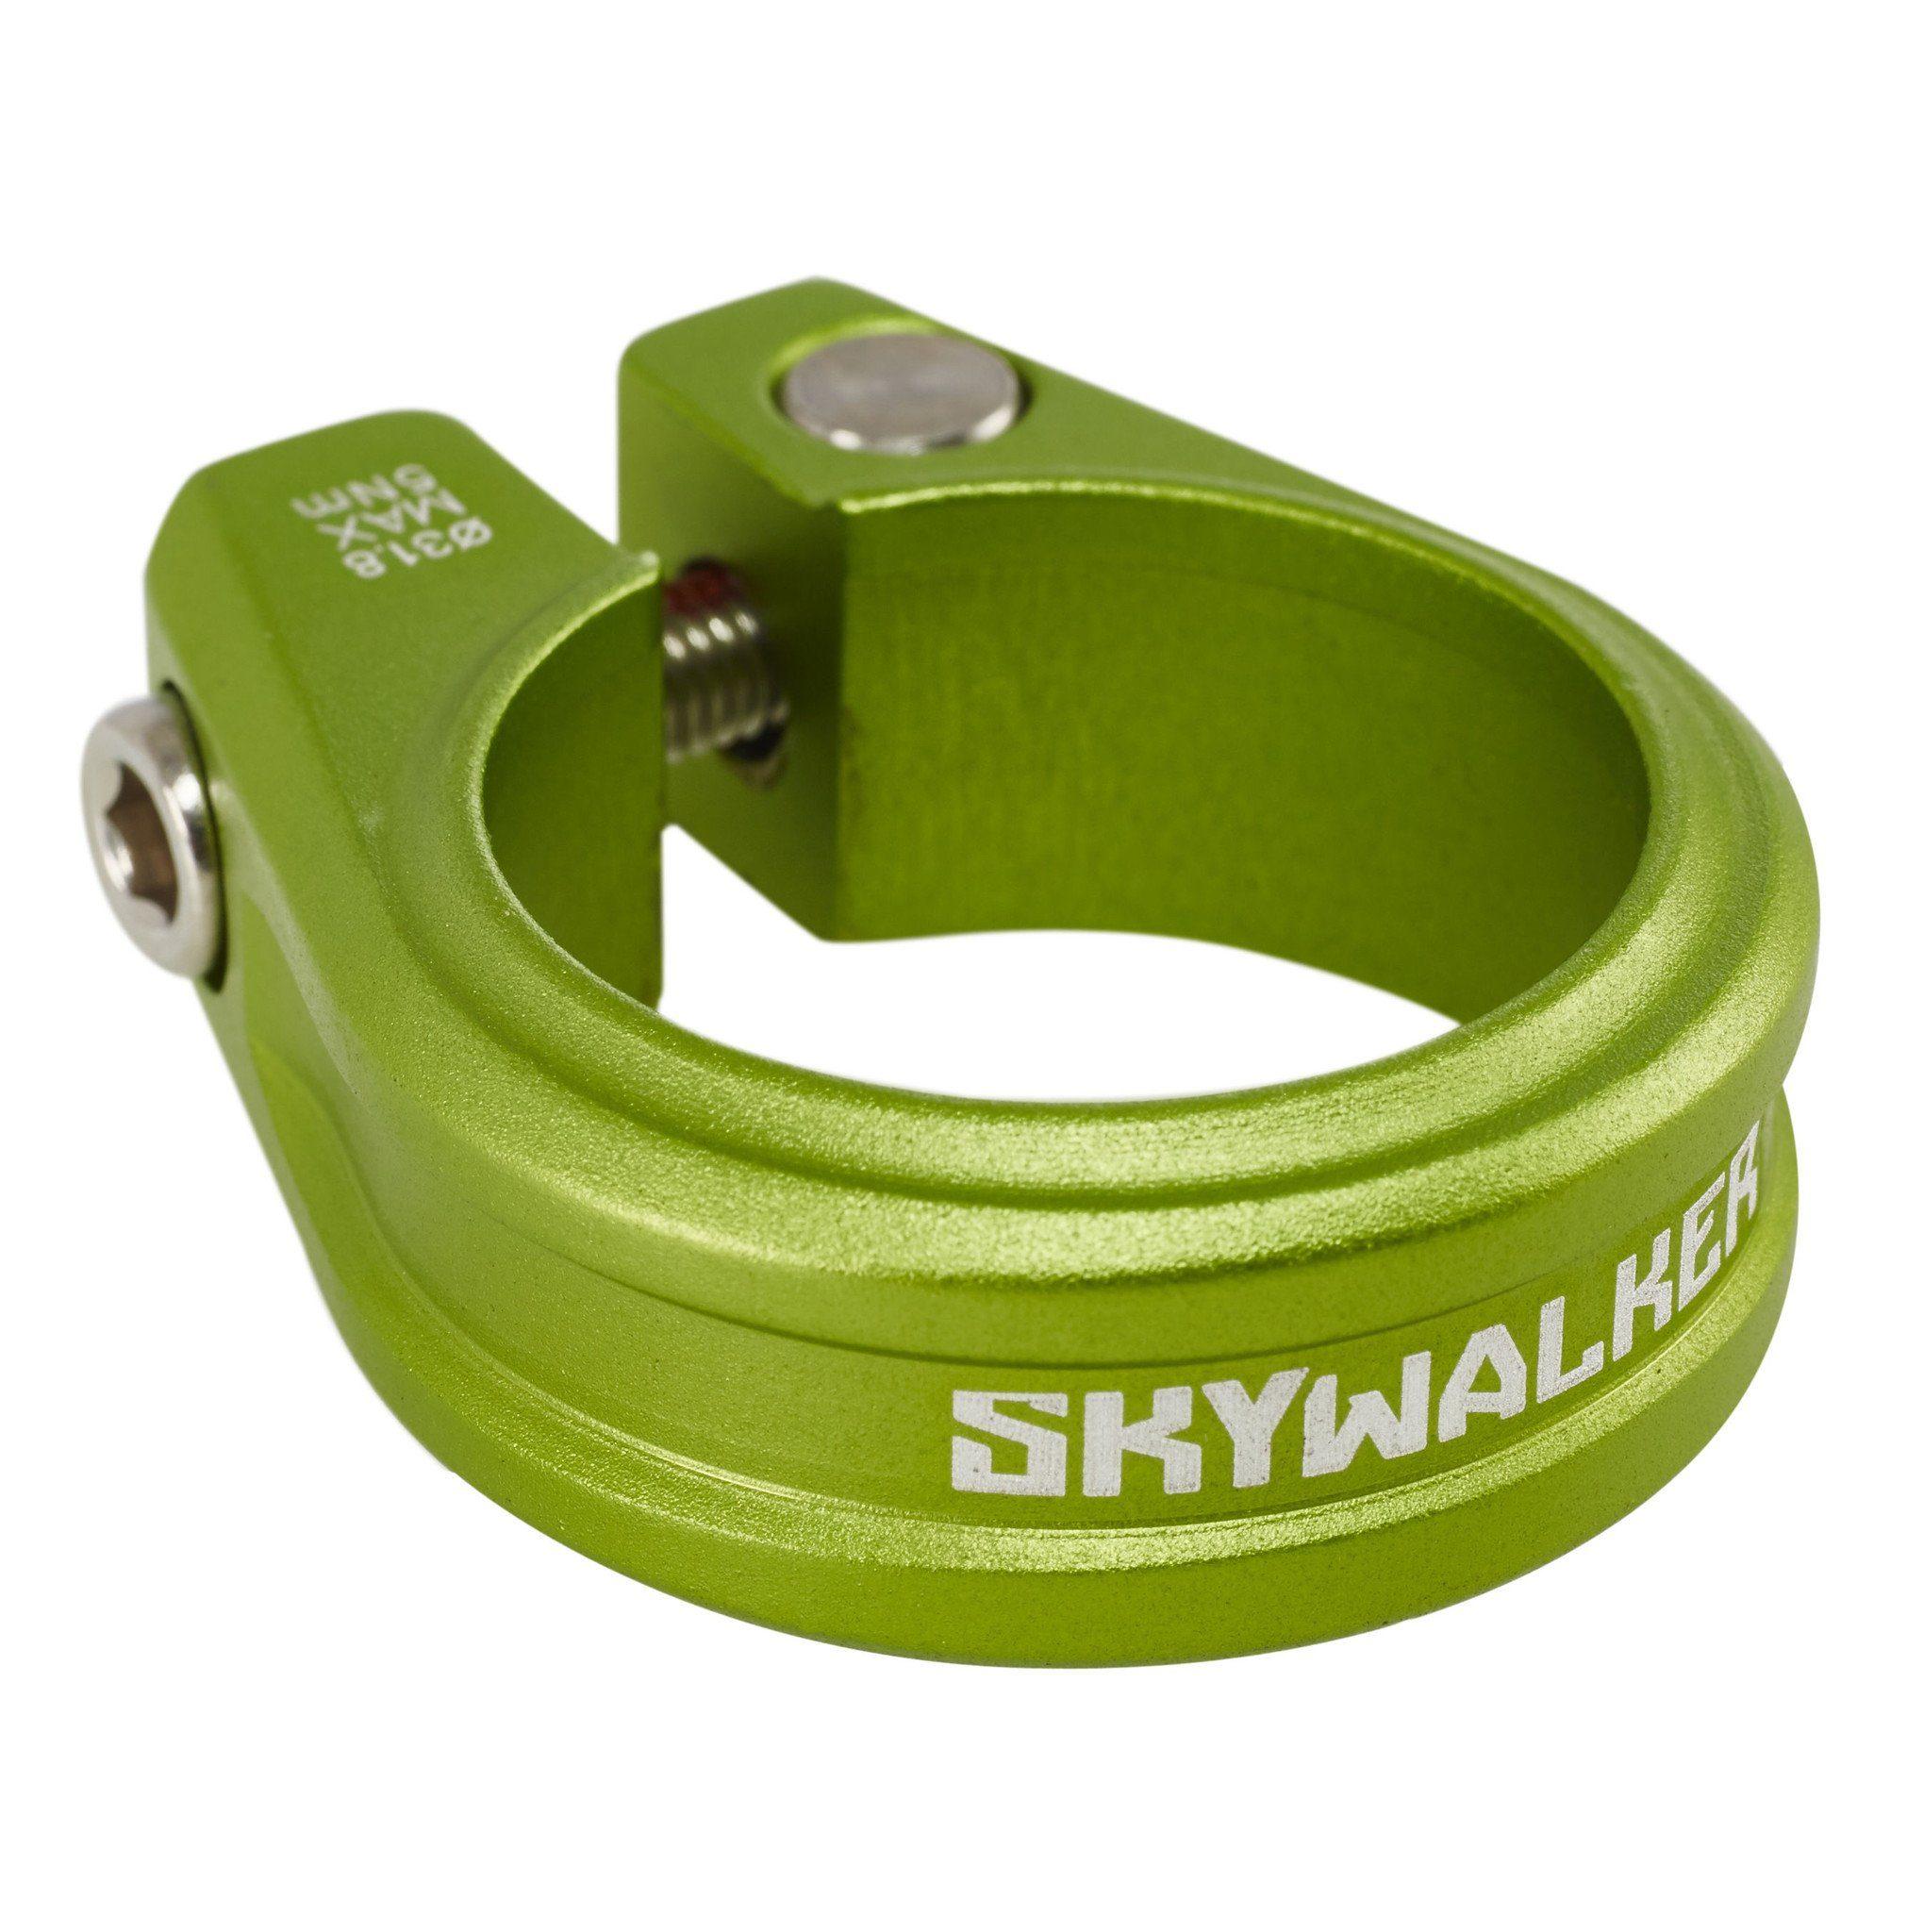 Sixpack Sattelklemme »Skywalker Sattelklemme Ø31.8mm«